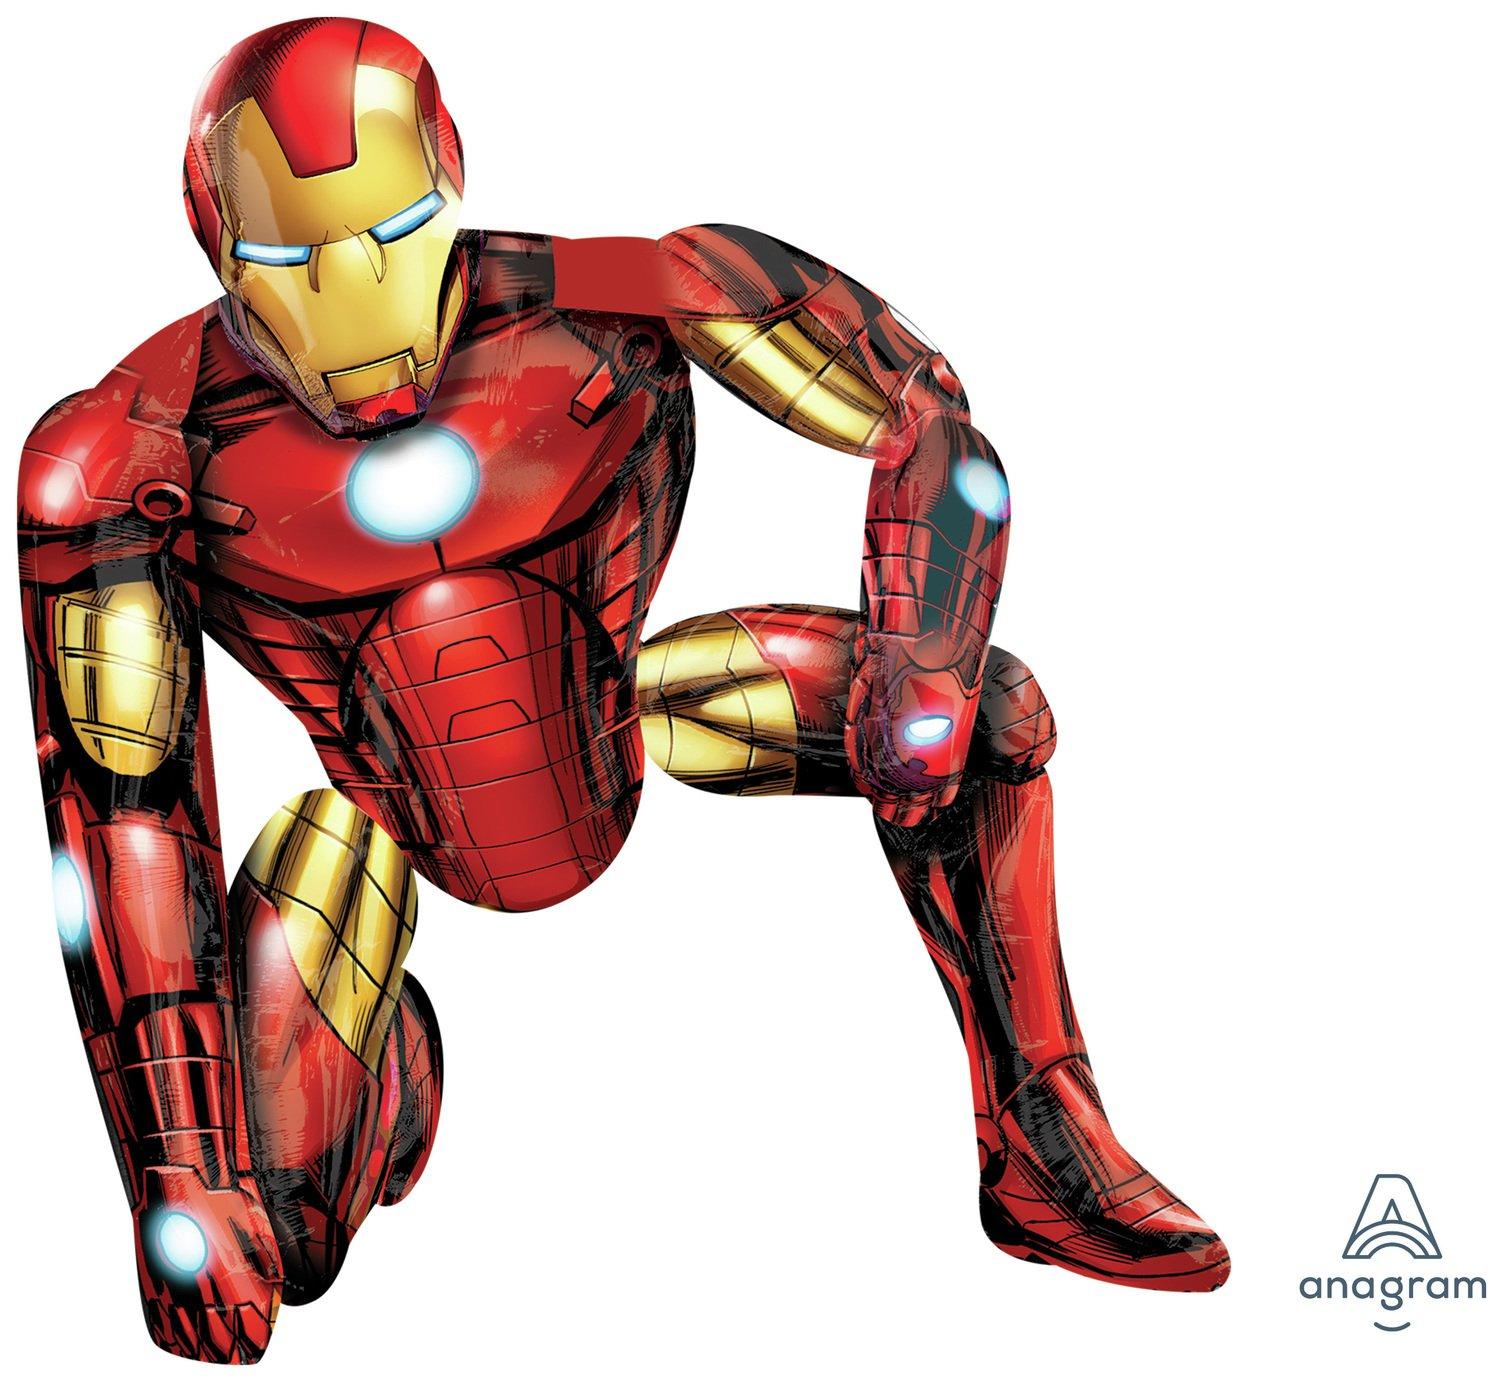 Marvel Iron Man Avengers Airwalker